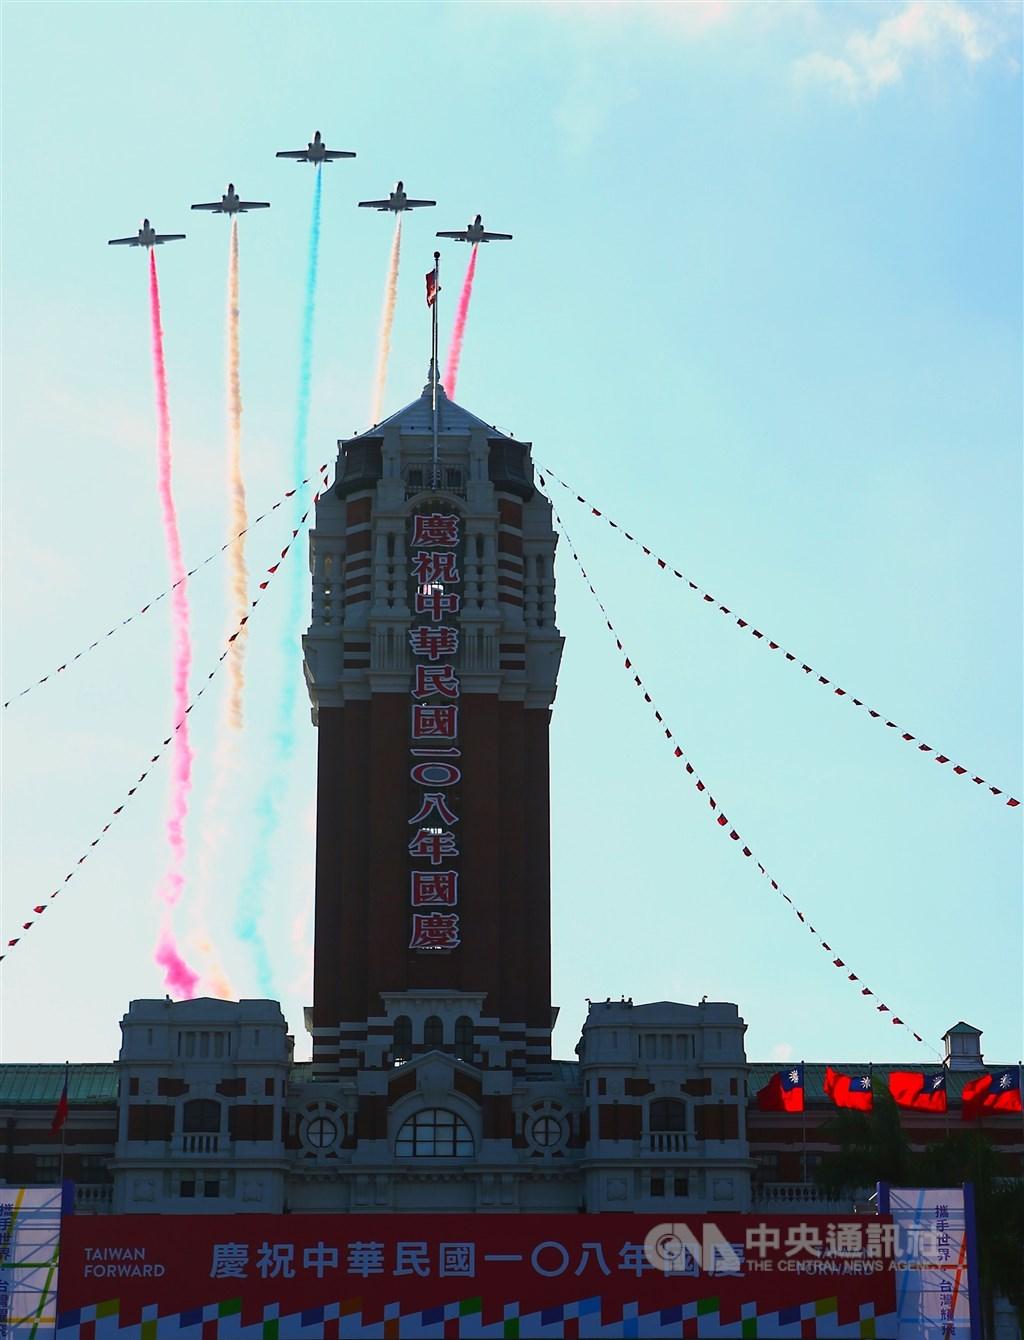 國慶籌備委員會8日下午在總統府前為今年國慶大會進行預演,壓軸演出由雷虎小組AT3教練機以5機大雁隊形,施放彩煙通過總統府上空,為預演掀起最後高潮。中央社記者王騰毅攝 108年10月8日